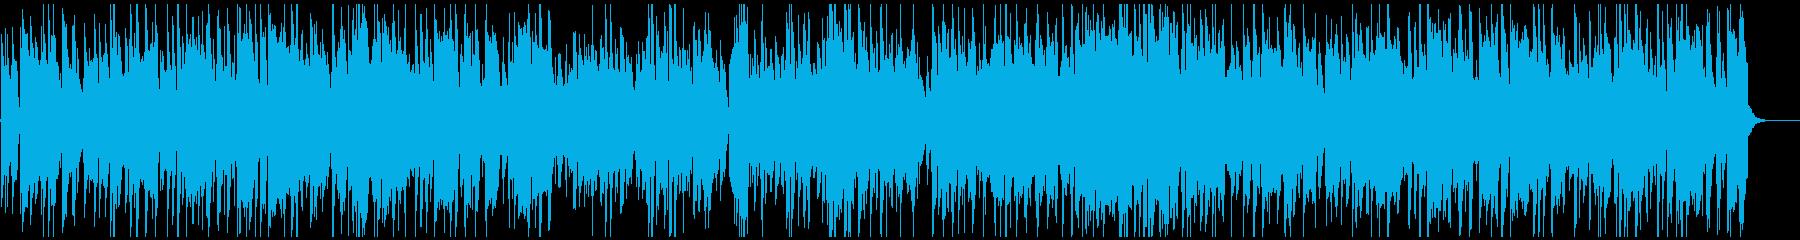 ショータイム、カジノシーンに最適なジャズの再生済みの波形